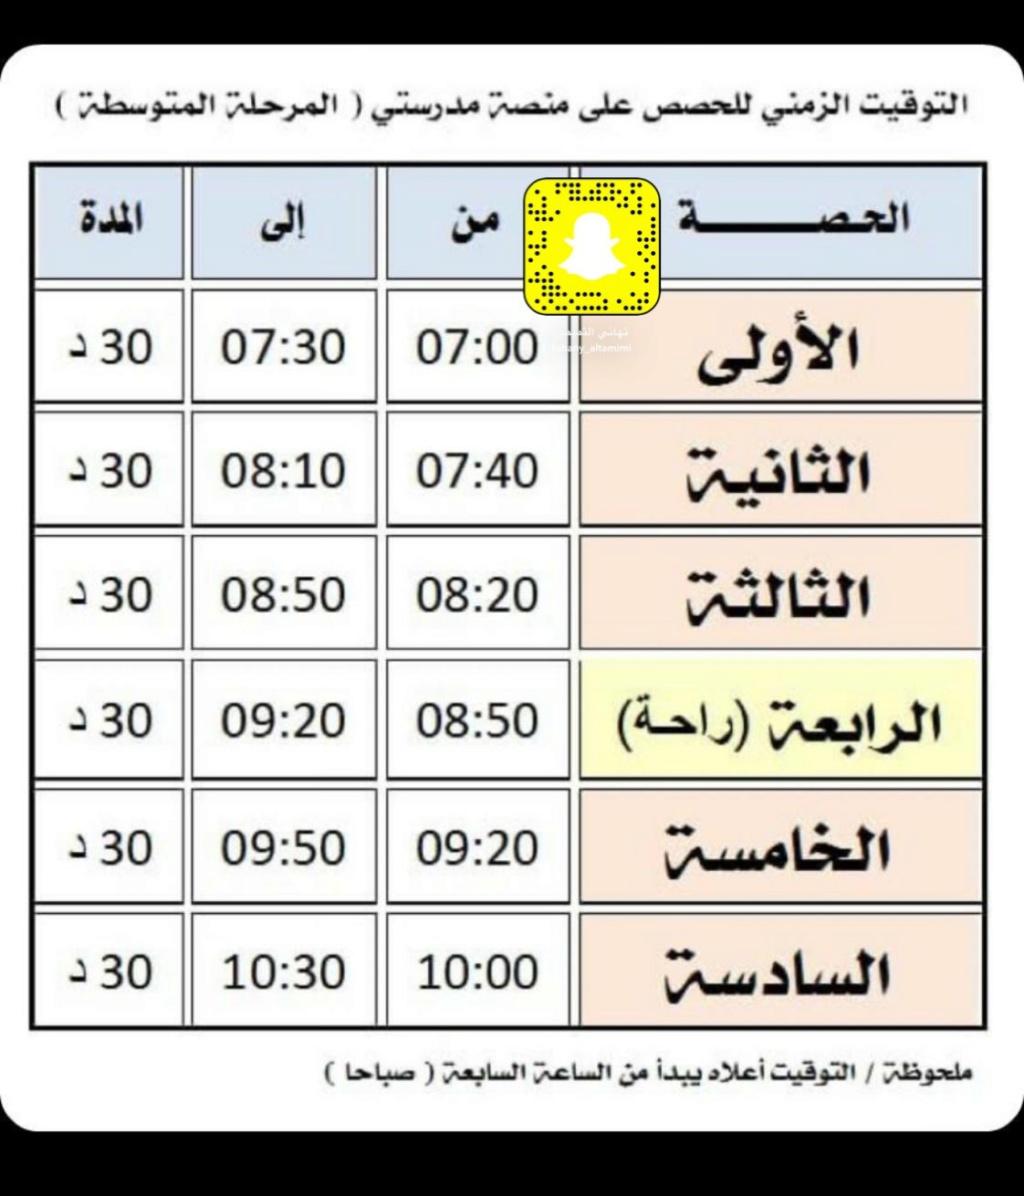 جدول حصص منصة مدرستي 1443 الان Egdz-z11